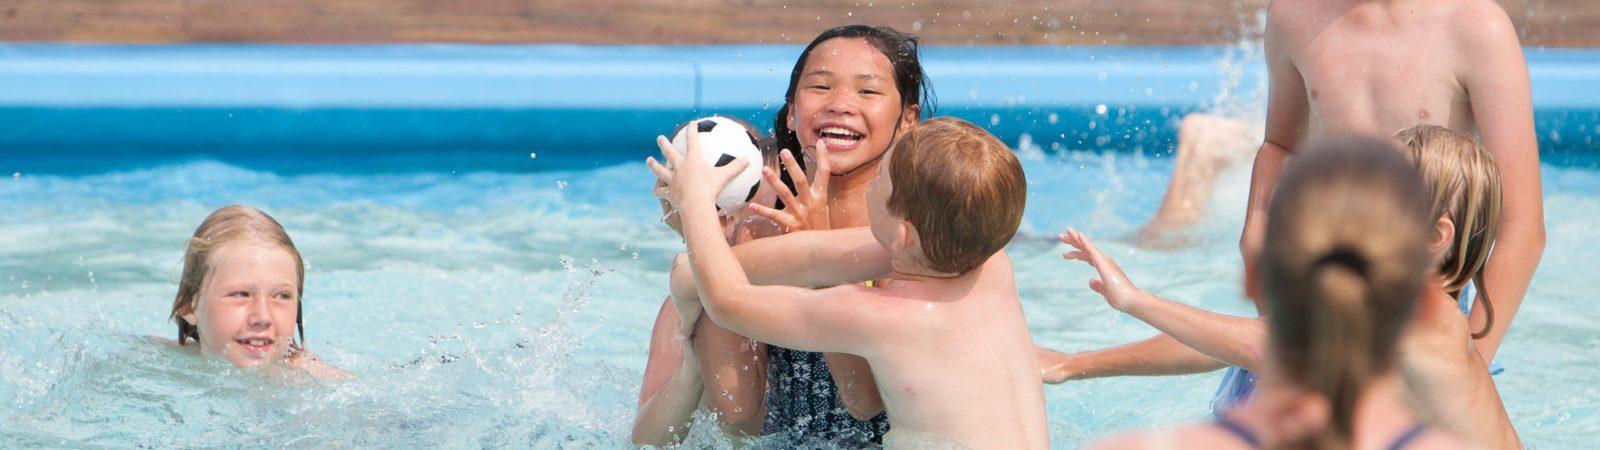 Kindercamping Drenthe met Zwembad